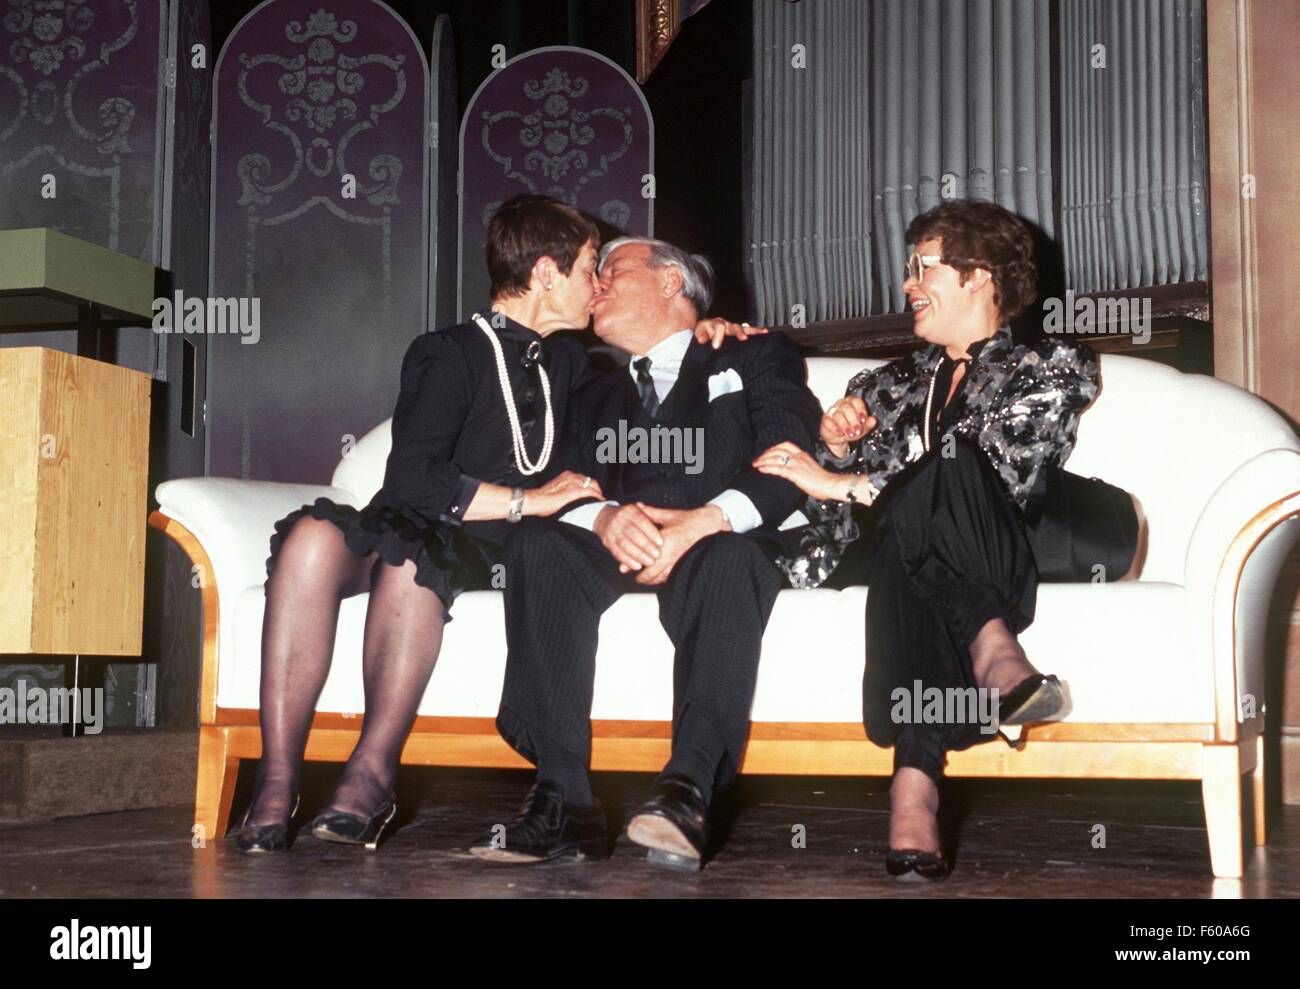 L'ancien chancelier Helmut Schmidt embrasse sa femme Loki lors de la célébration de son 70e anniversaire le 23 décembre 1988 à Hambourg Bergedorf. Susanne fille sur la droite. Banque D'Images